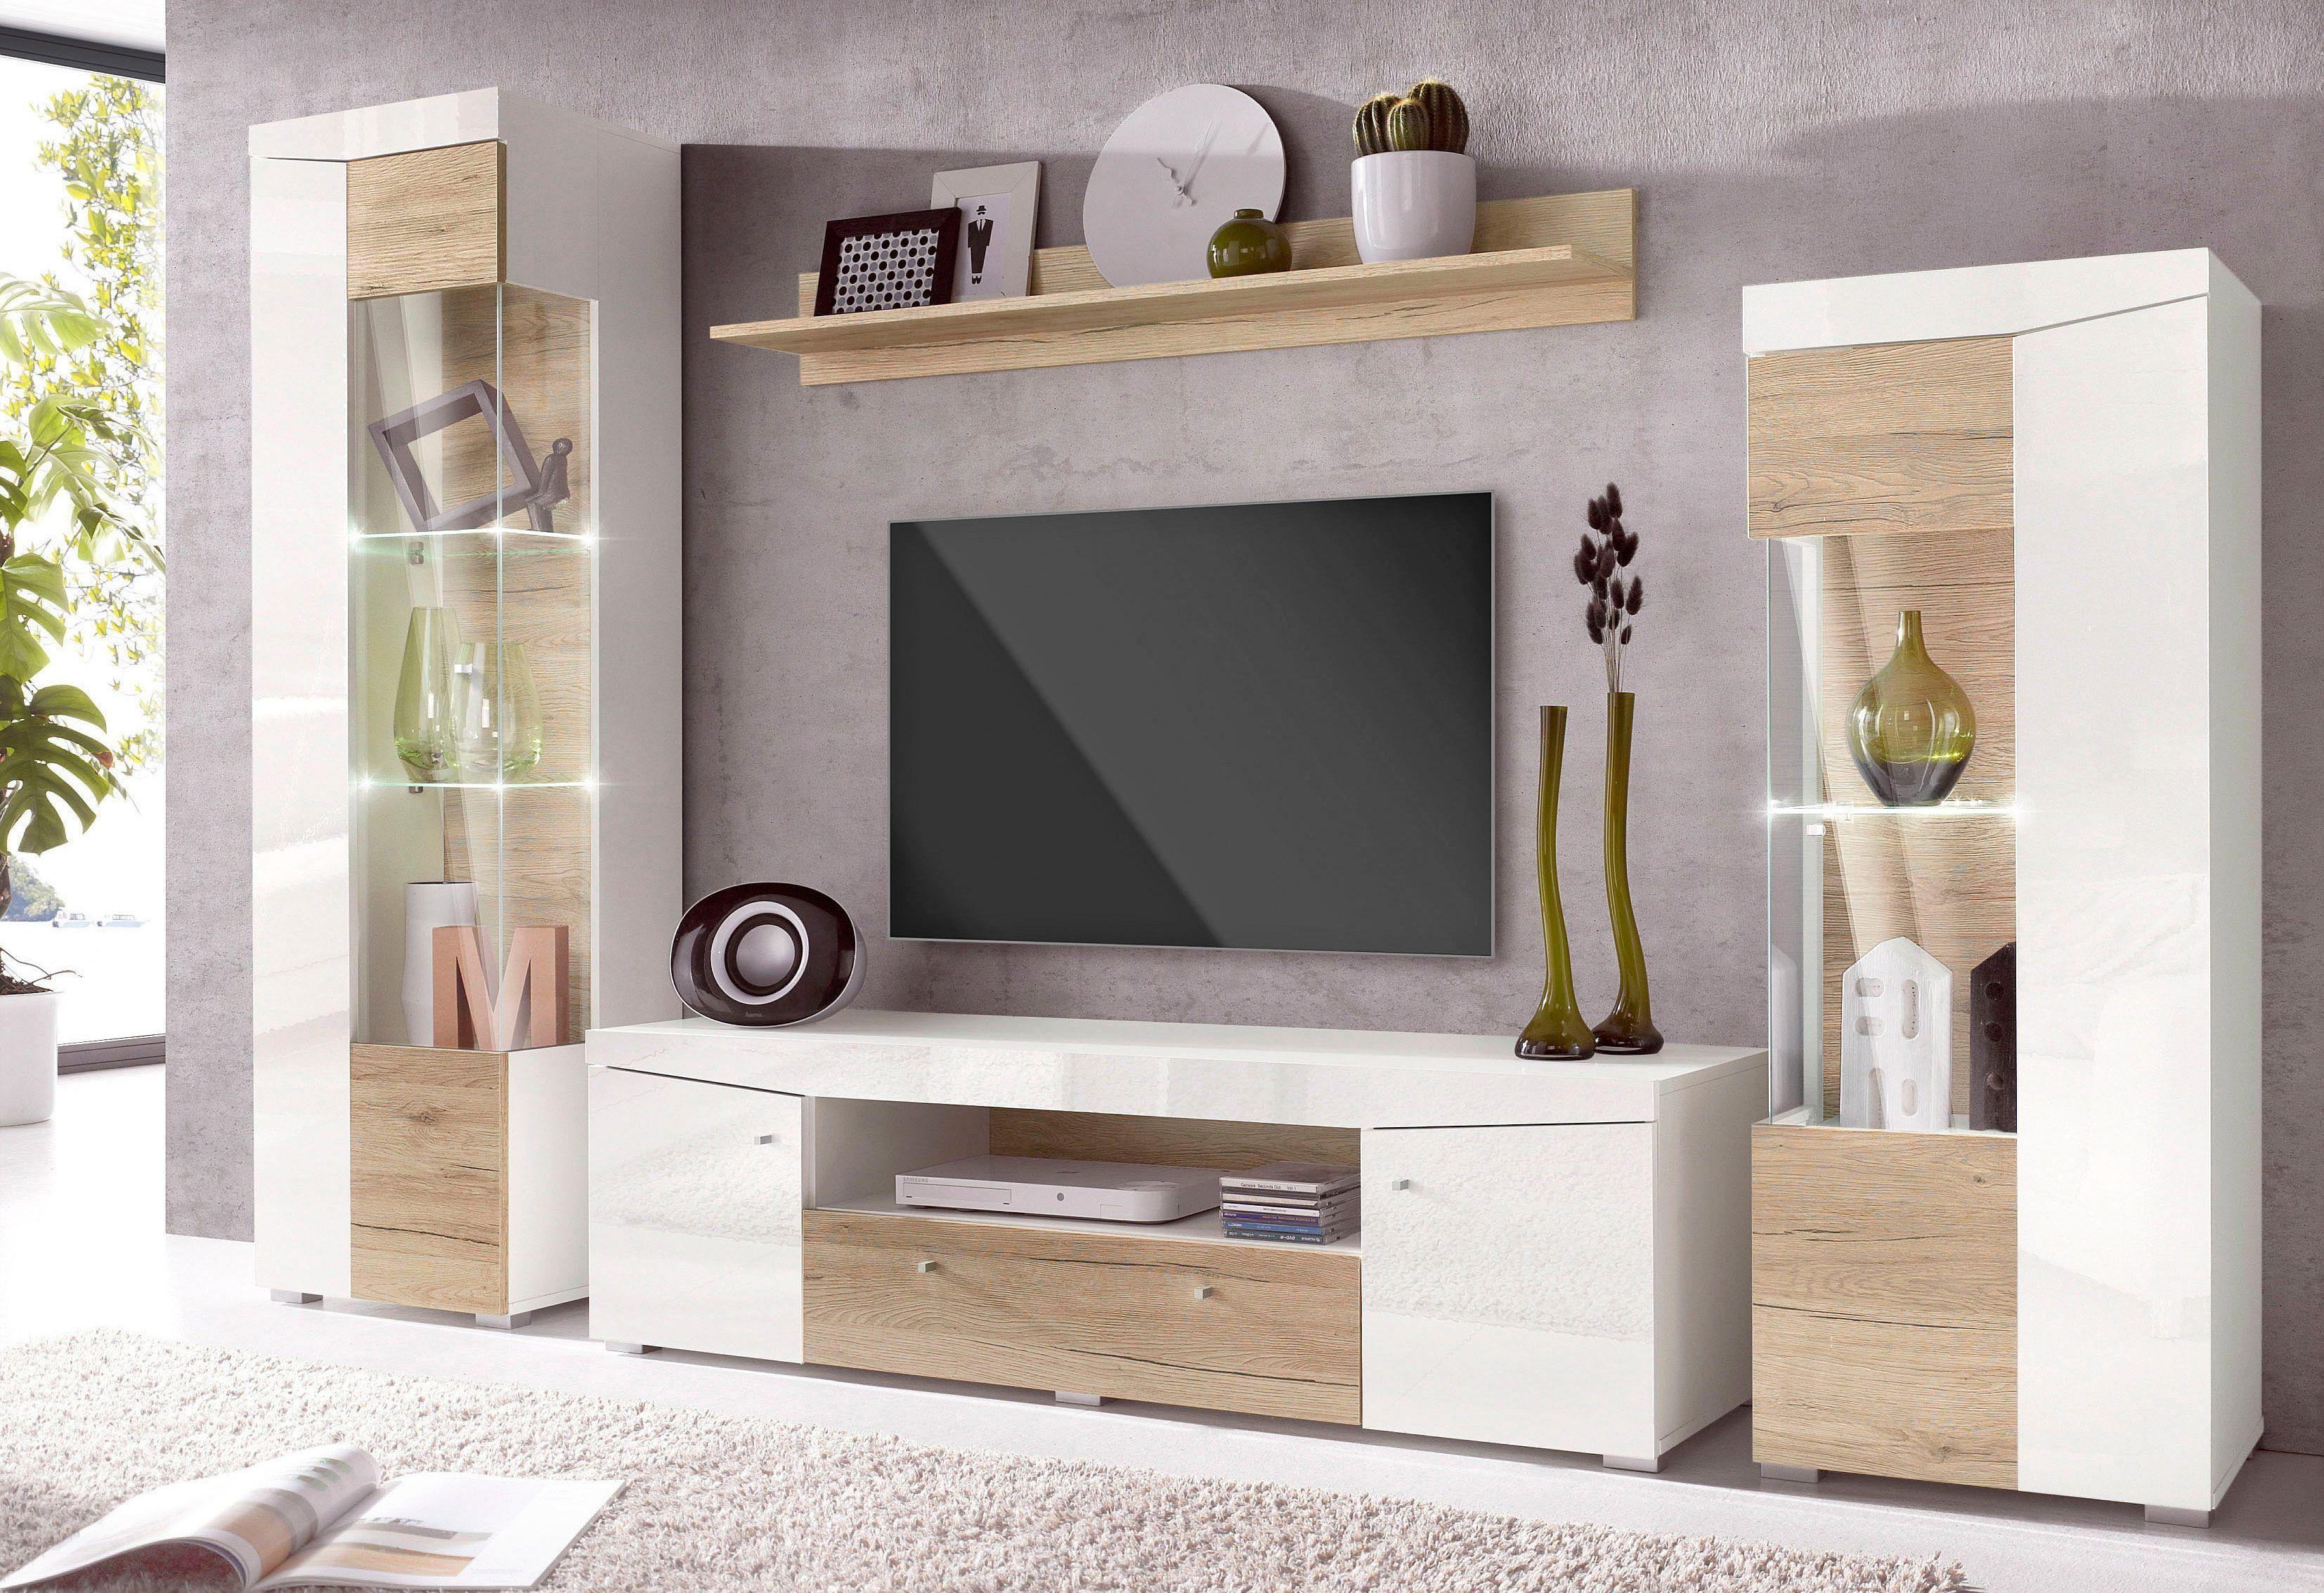 20 Wohnzimmer Gestalten Ideen Wohnzimmer Gestalten Wohnzimmer Wohnung